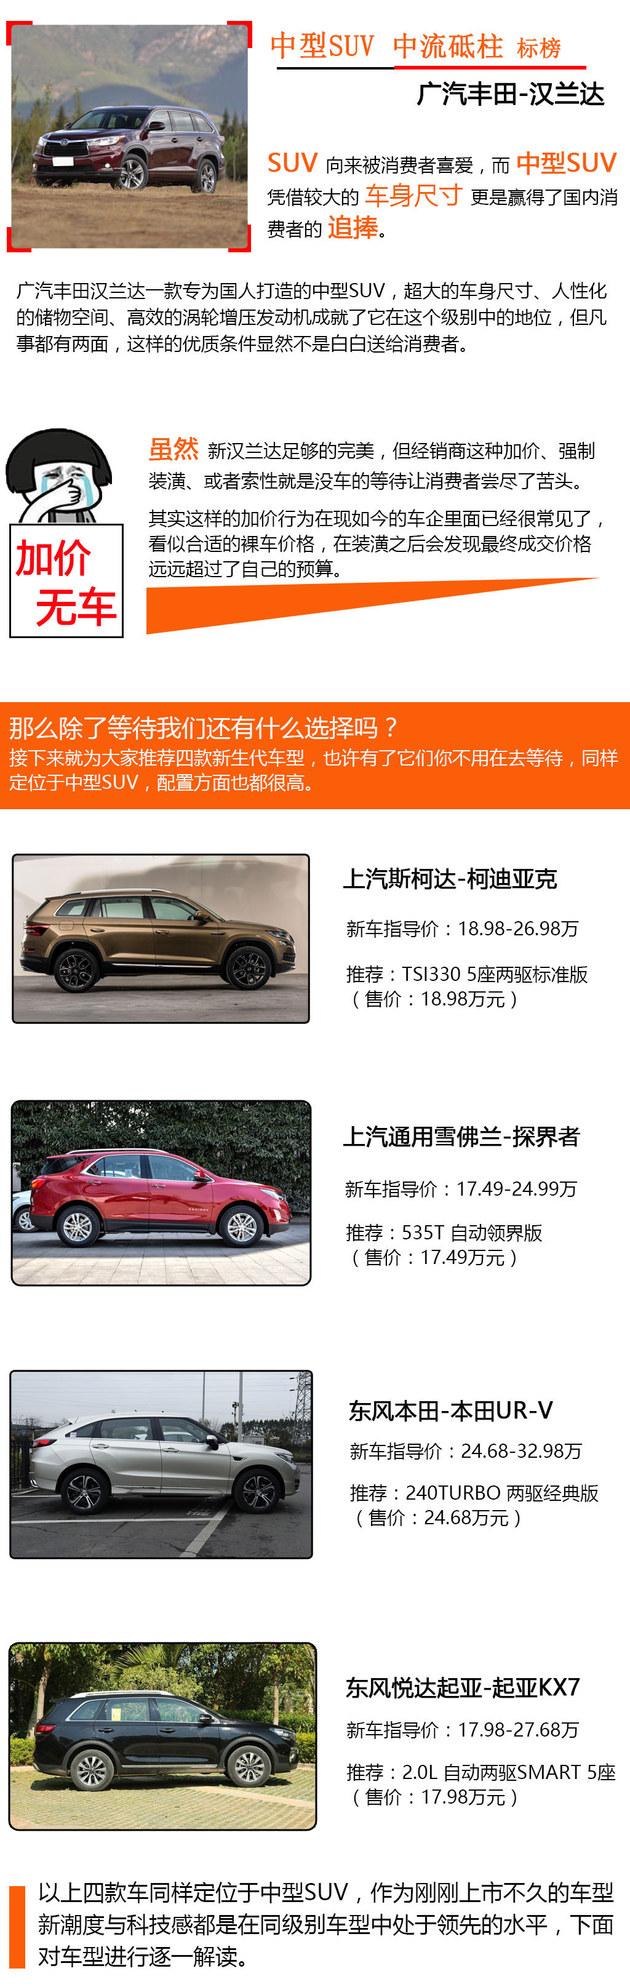 汉兰达不加钱买不到 4款中级竞品SUV推荐